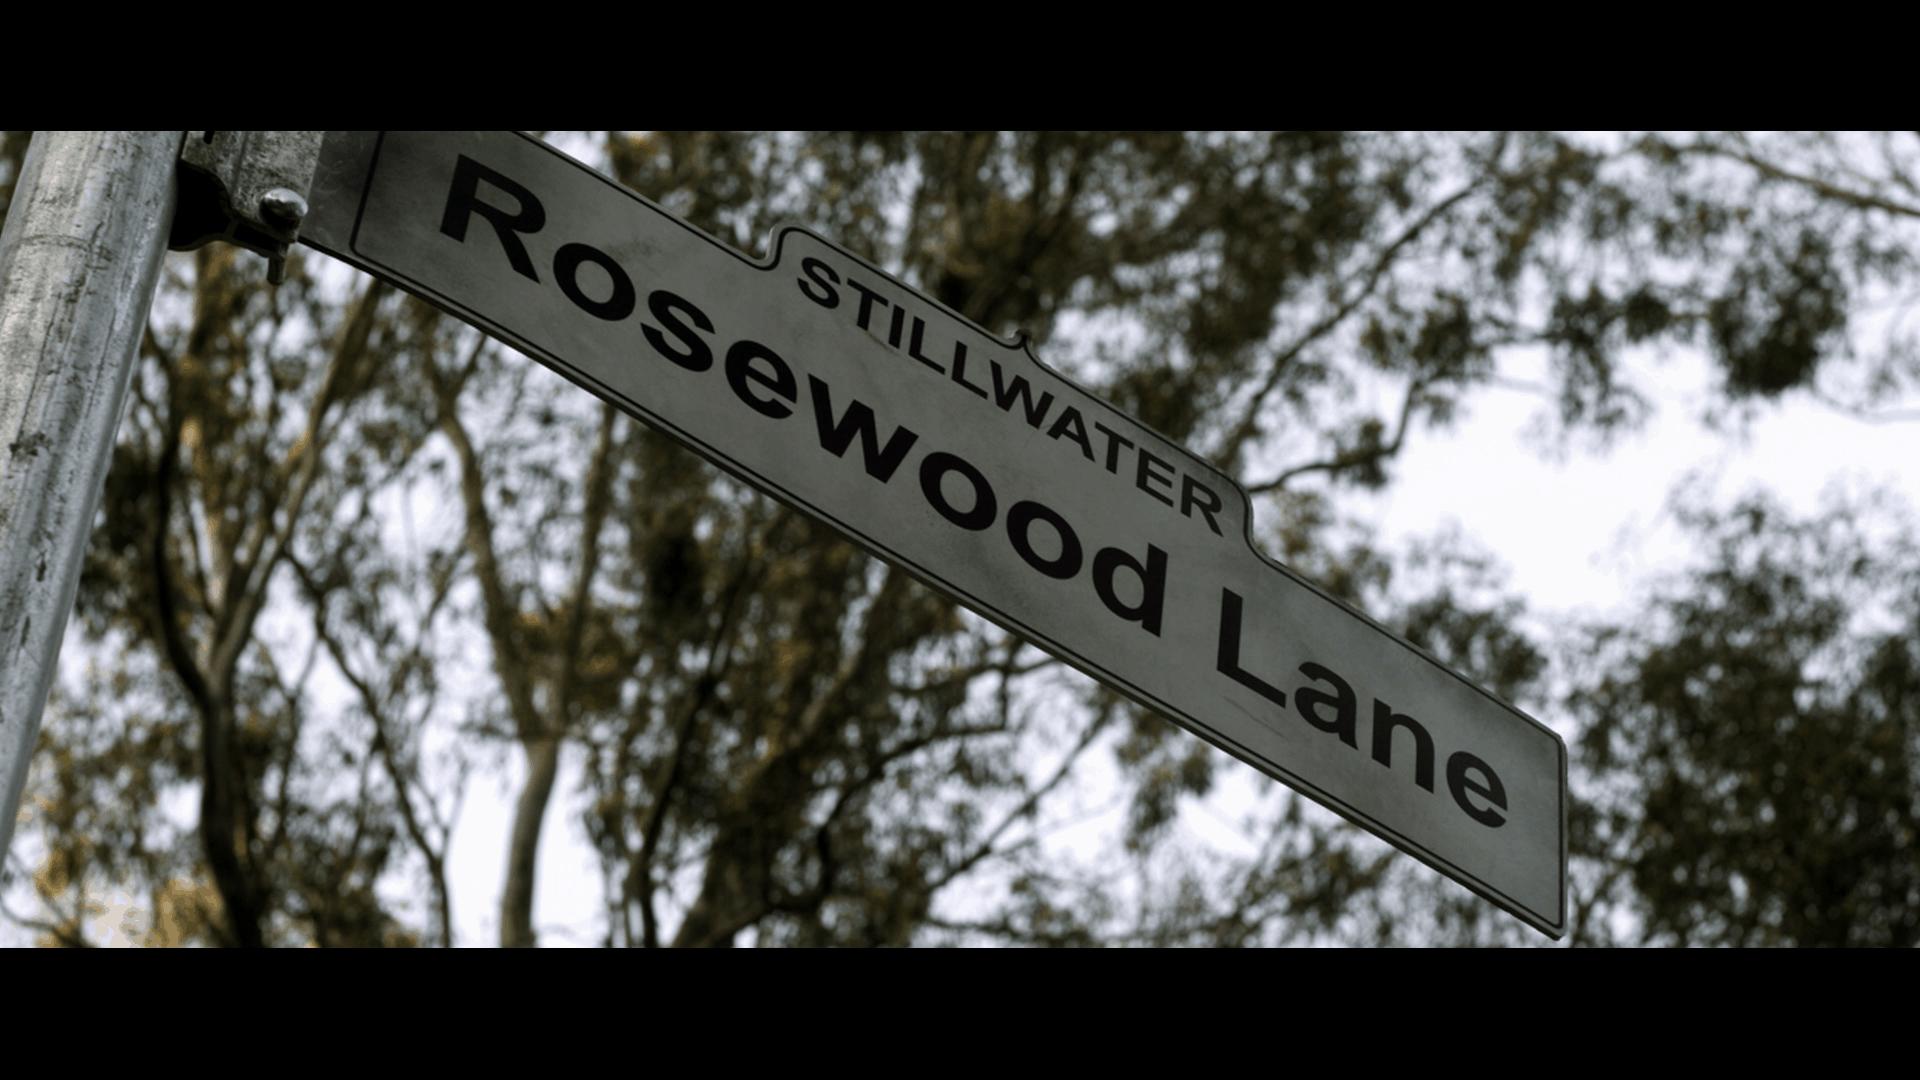 Rosewood Lane title 2020